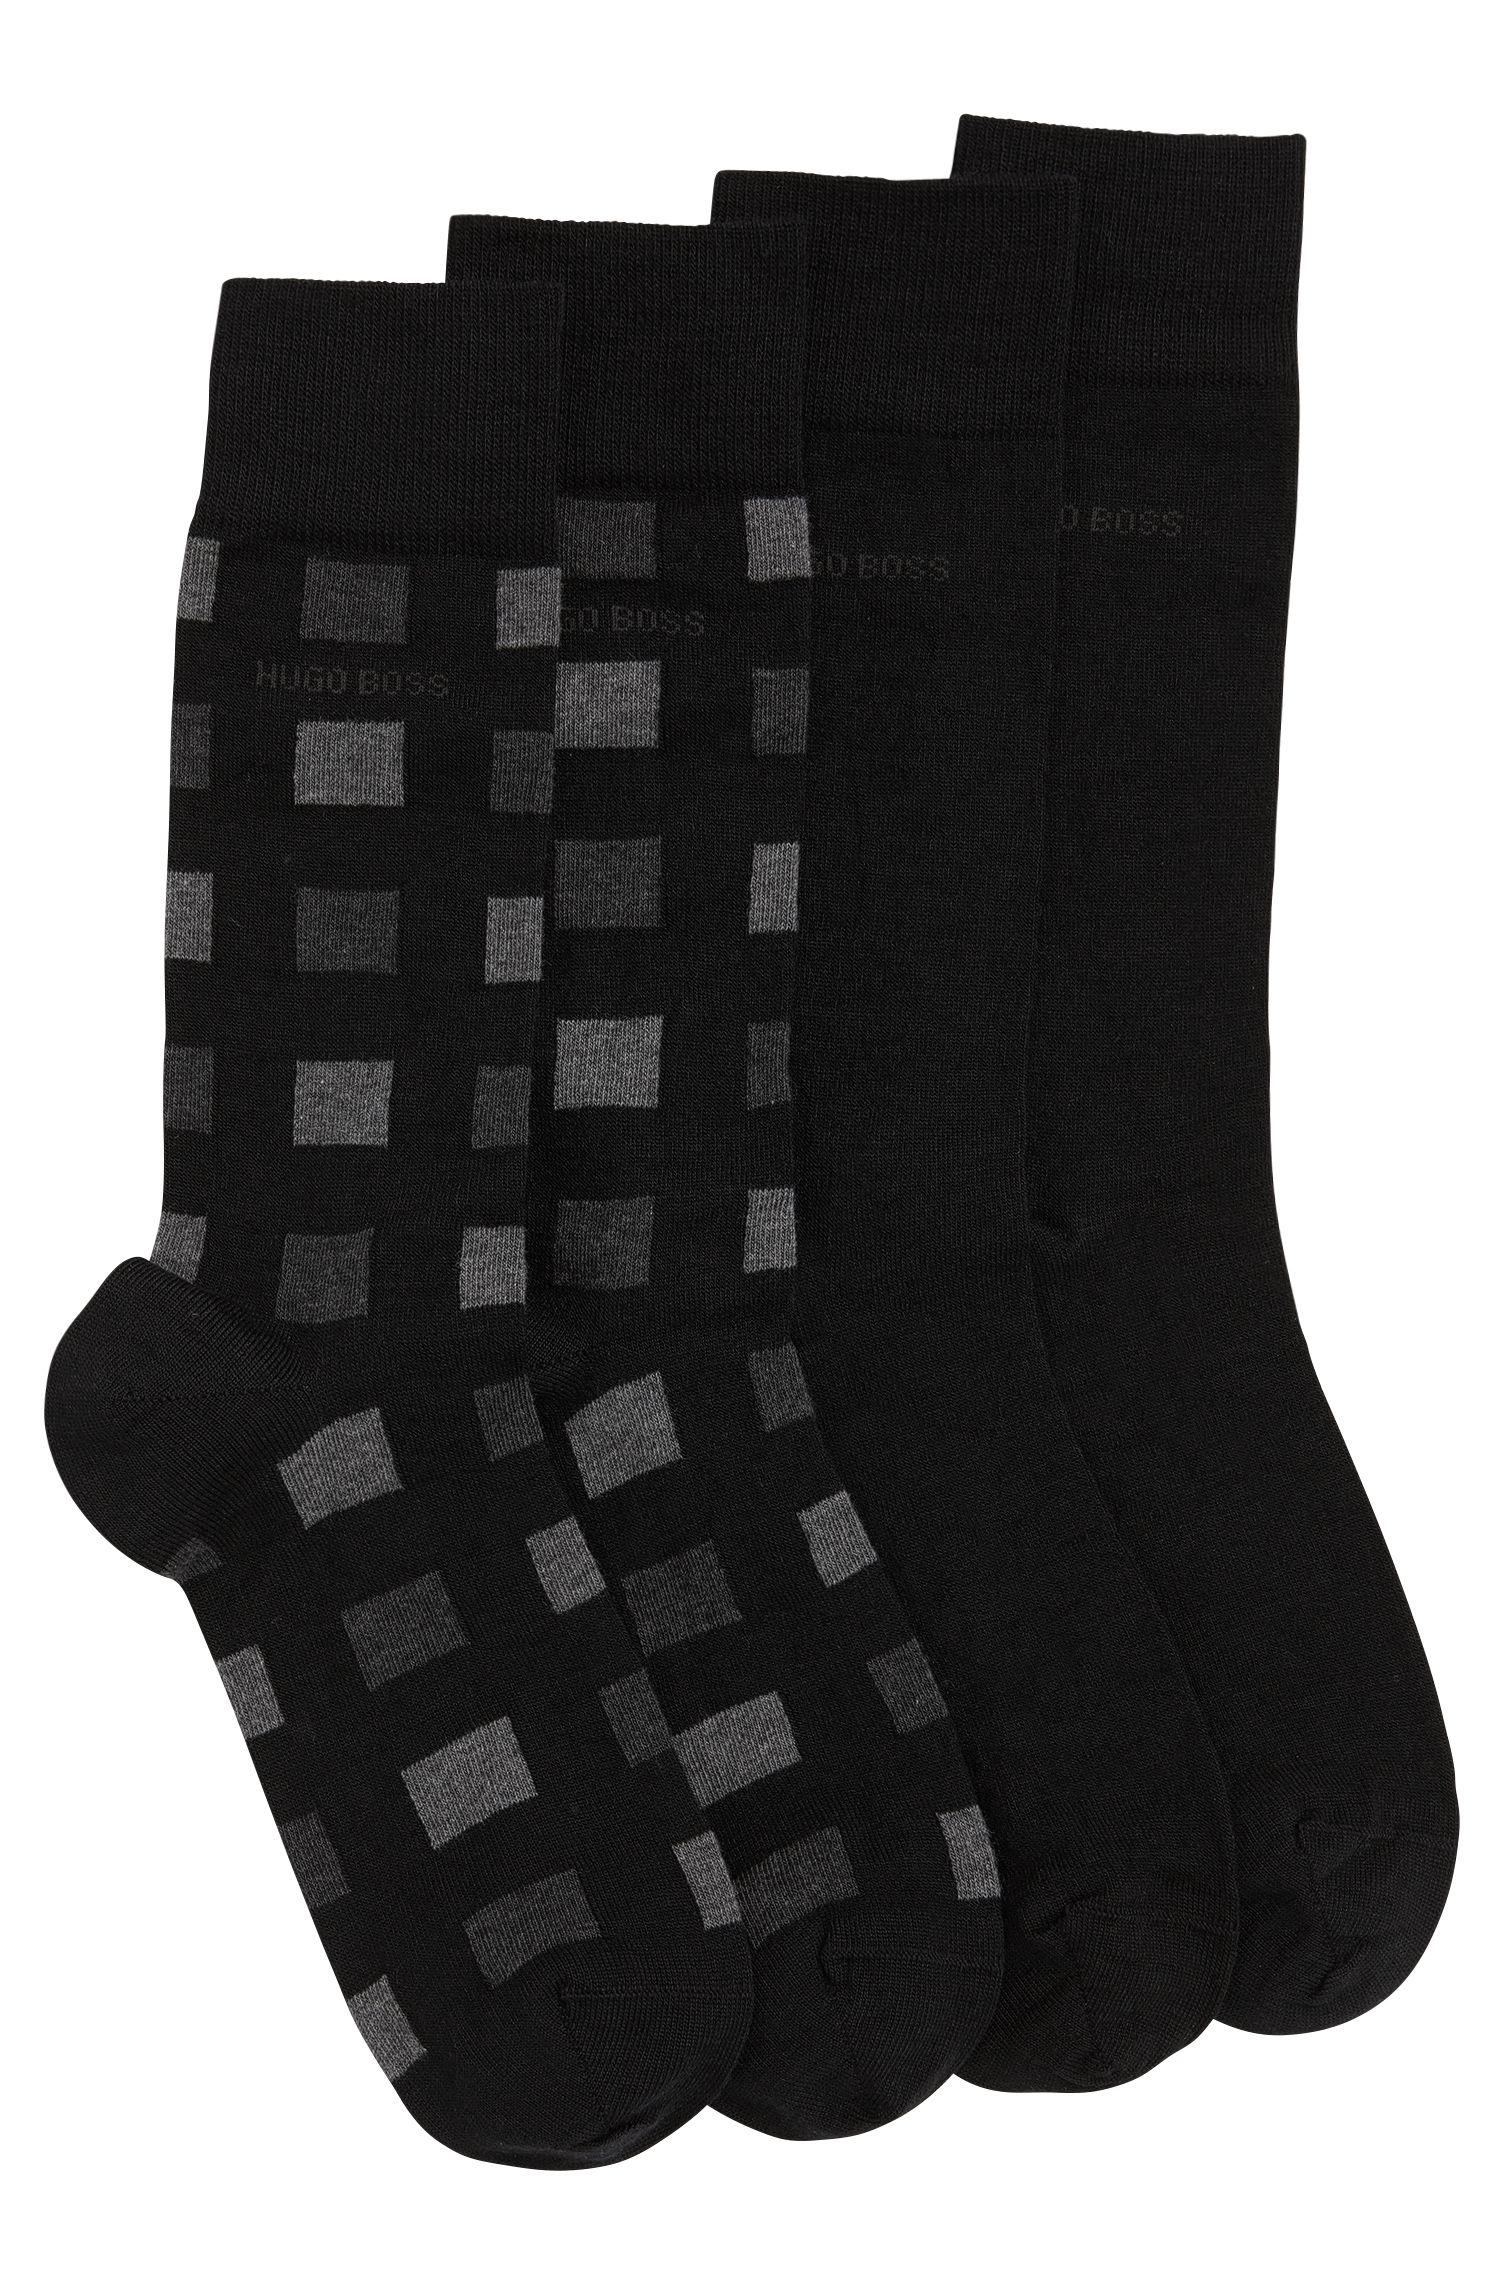 Socken aus elastischem Woll-Mix mit Baumwolle im Zweier-Pack: 'Twopack RS Design'